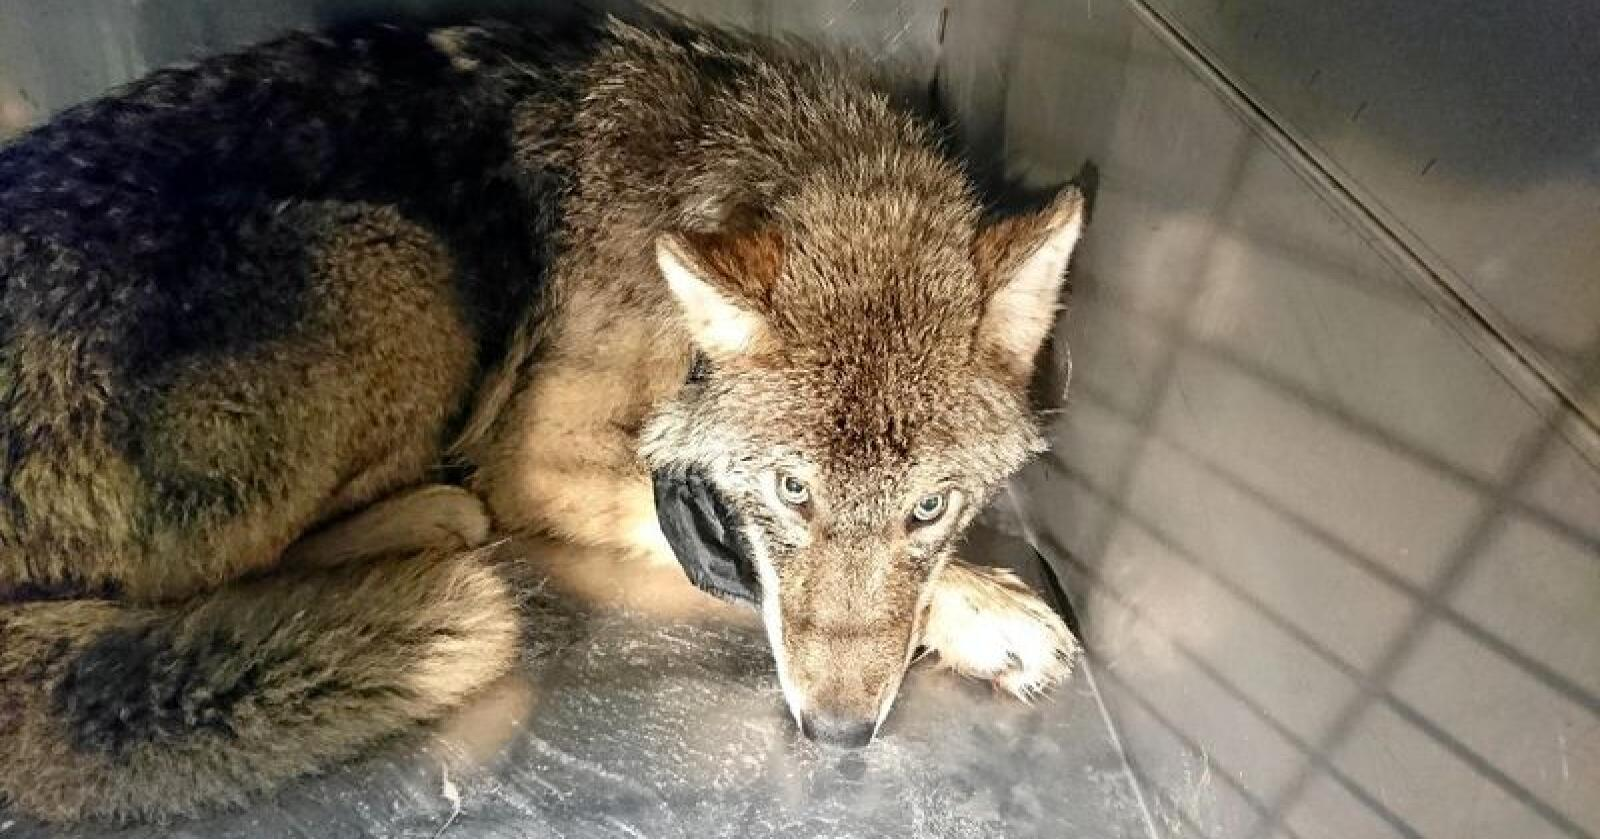 Ulven ble raskt tatt med til veterinær, der den fikk behandling. Ulven virker frisk og rask etter ulykken. Foto: Tarvi Markson